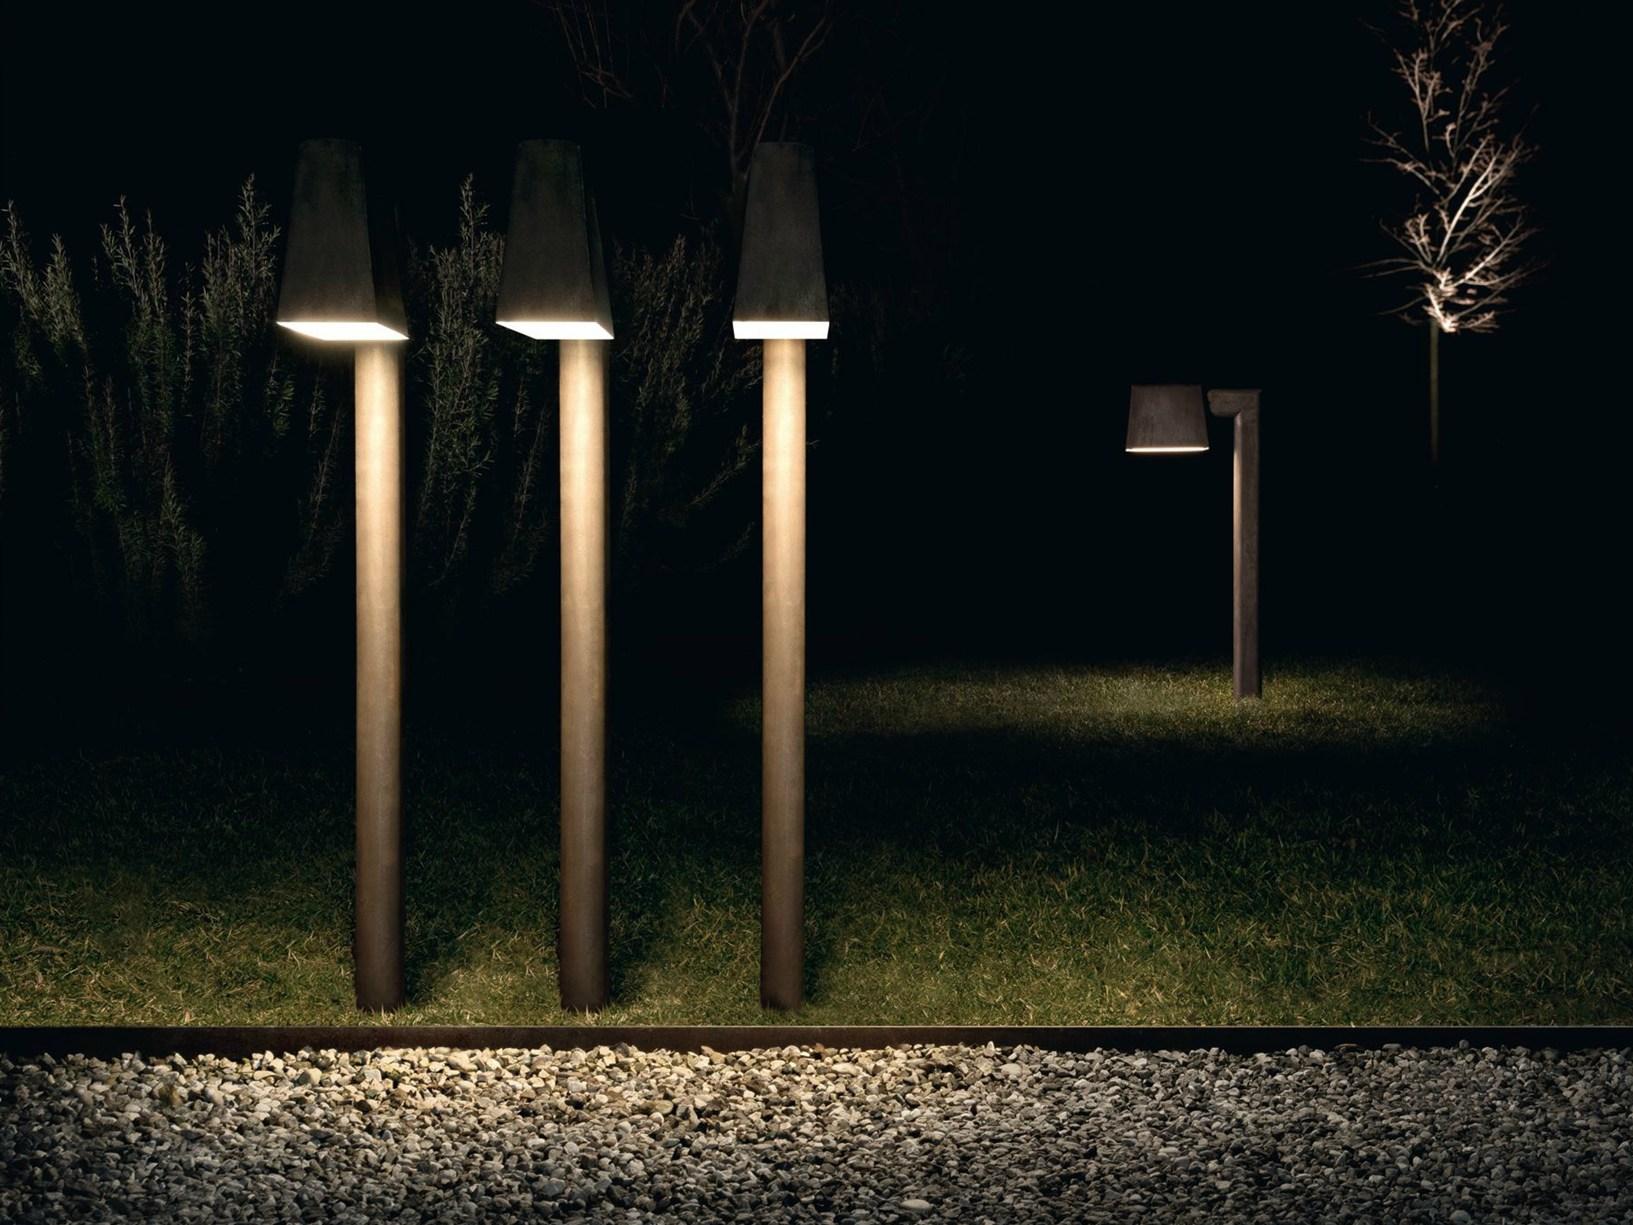 lampadaire-d-exterieur-saint-tropez-marron-l16-5cm-h217cm-torremato-original